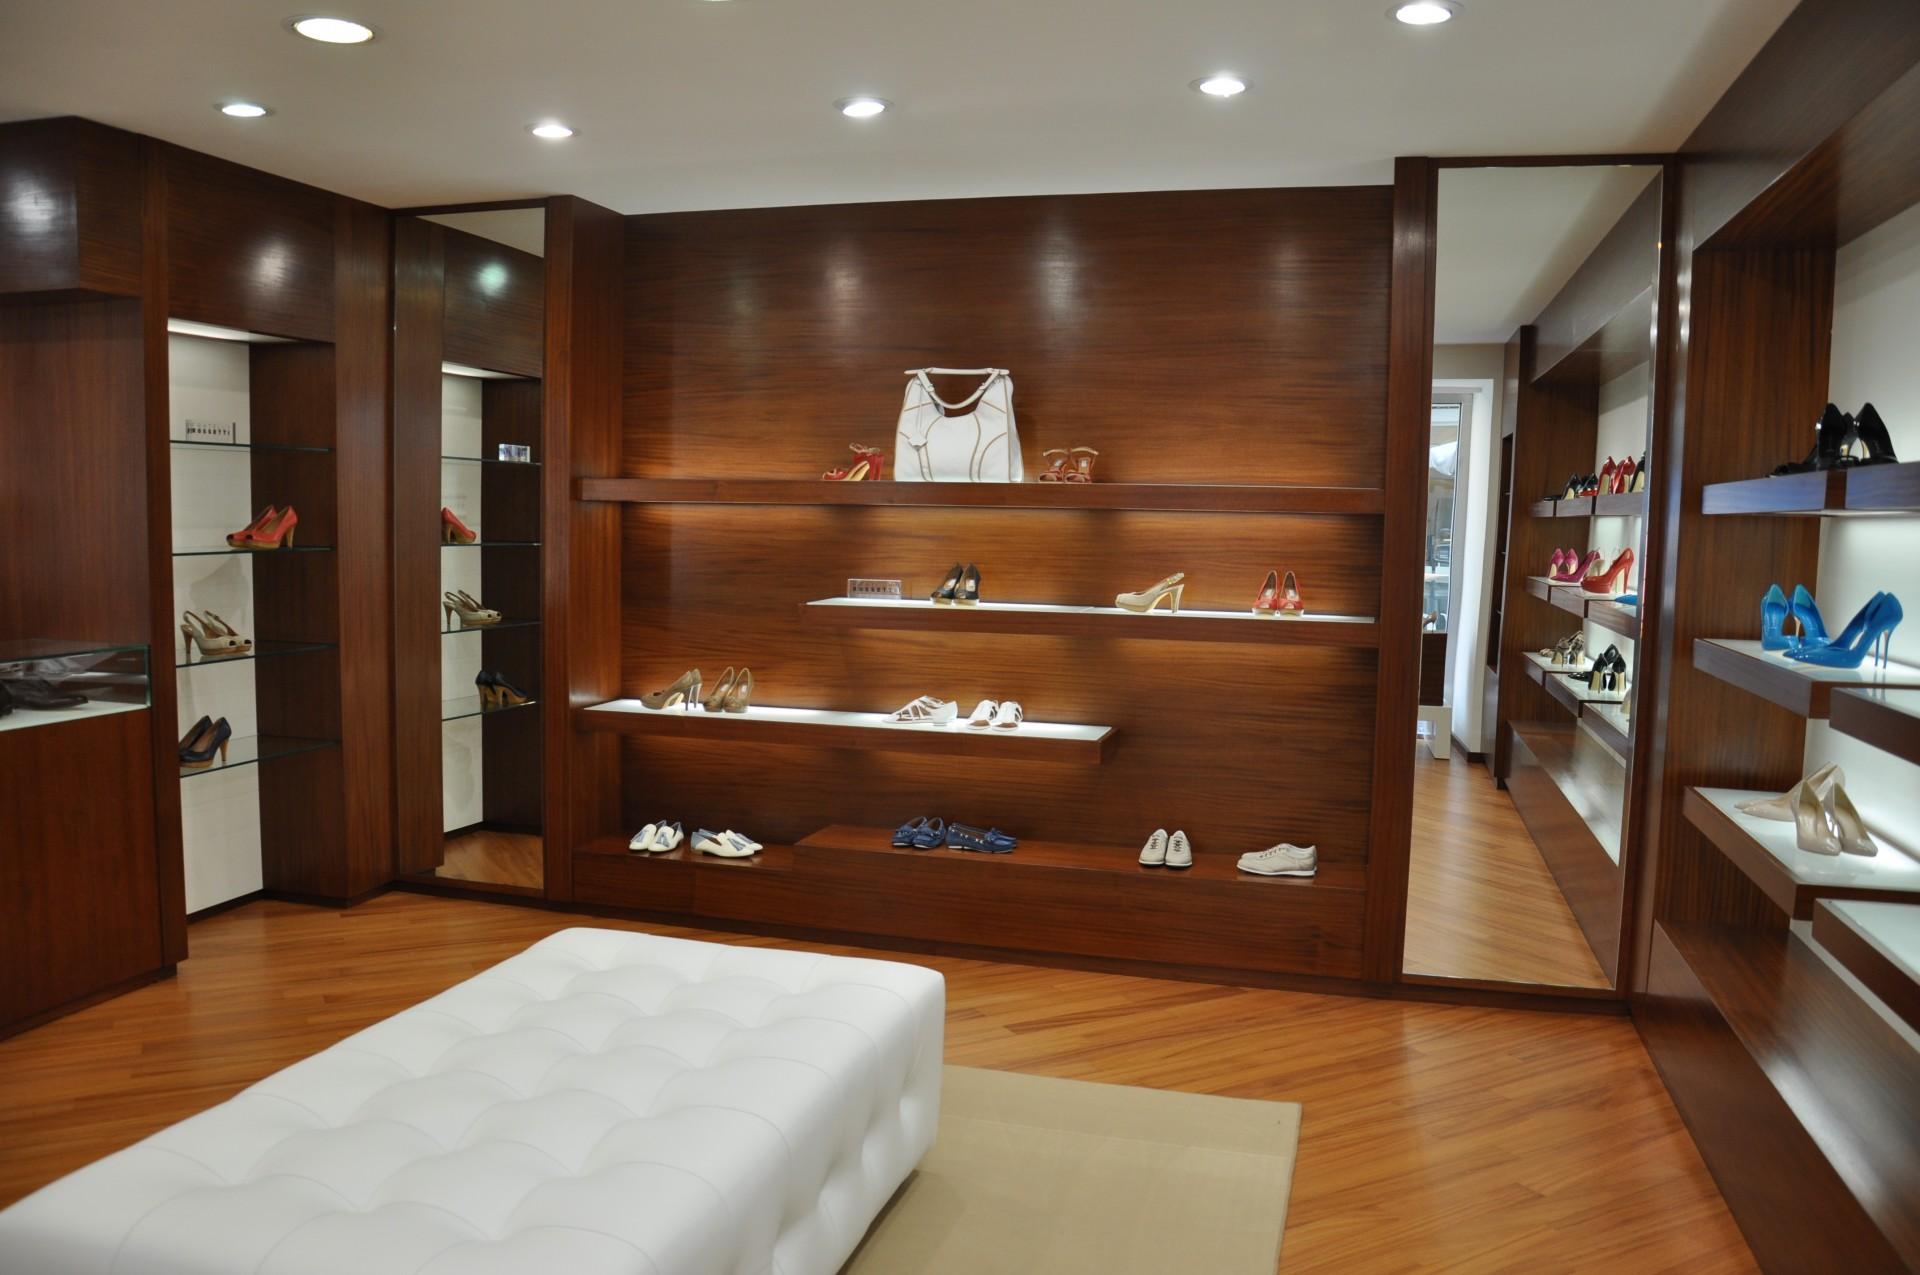 Arredamento per negozio in legno fadini mobili cerea verona for Negozi mobili